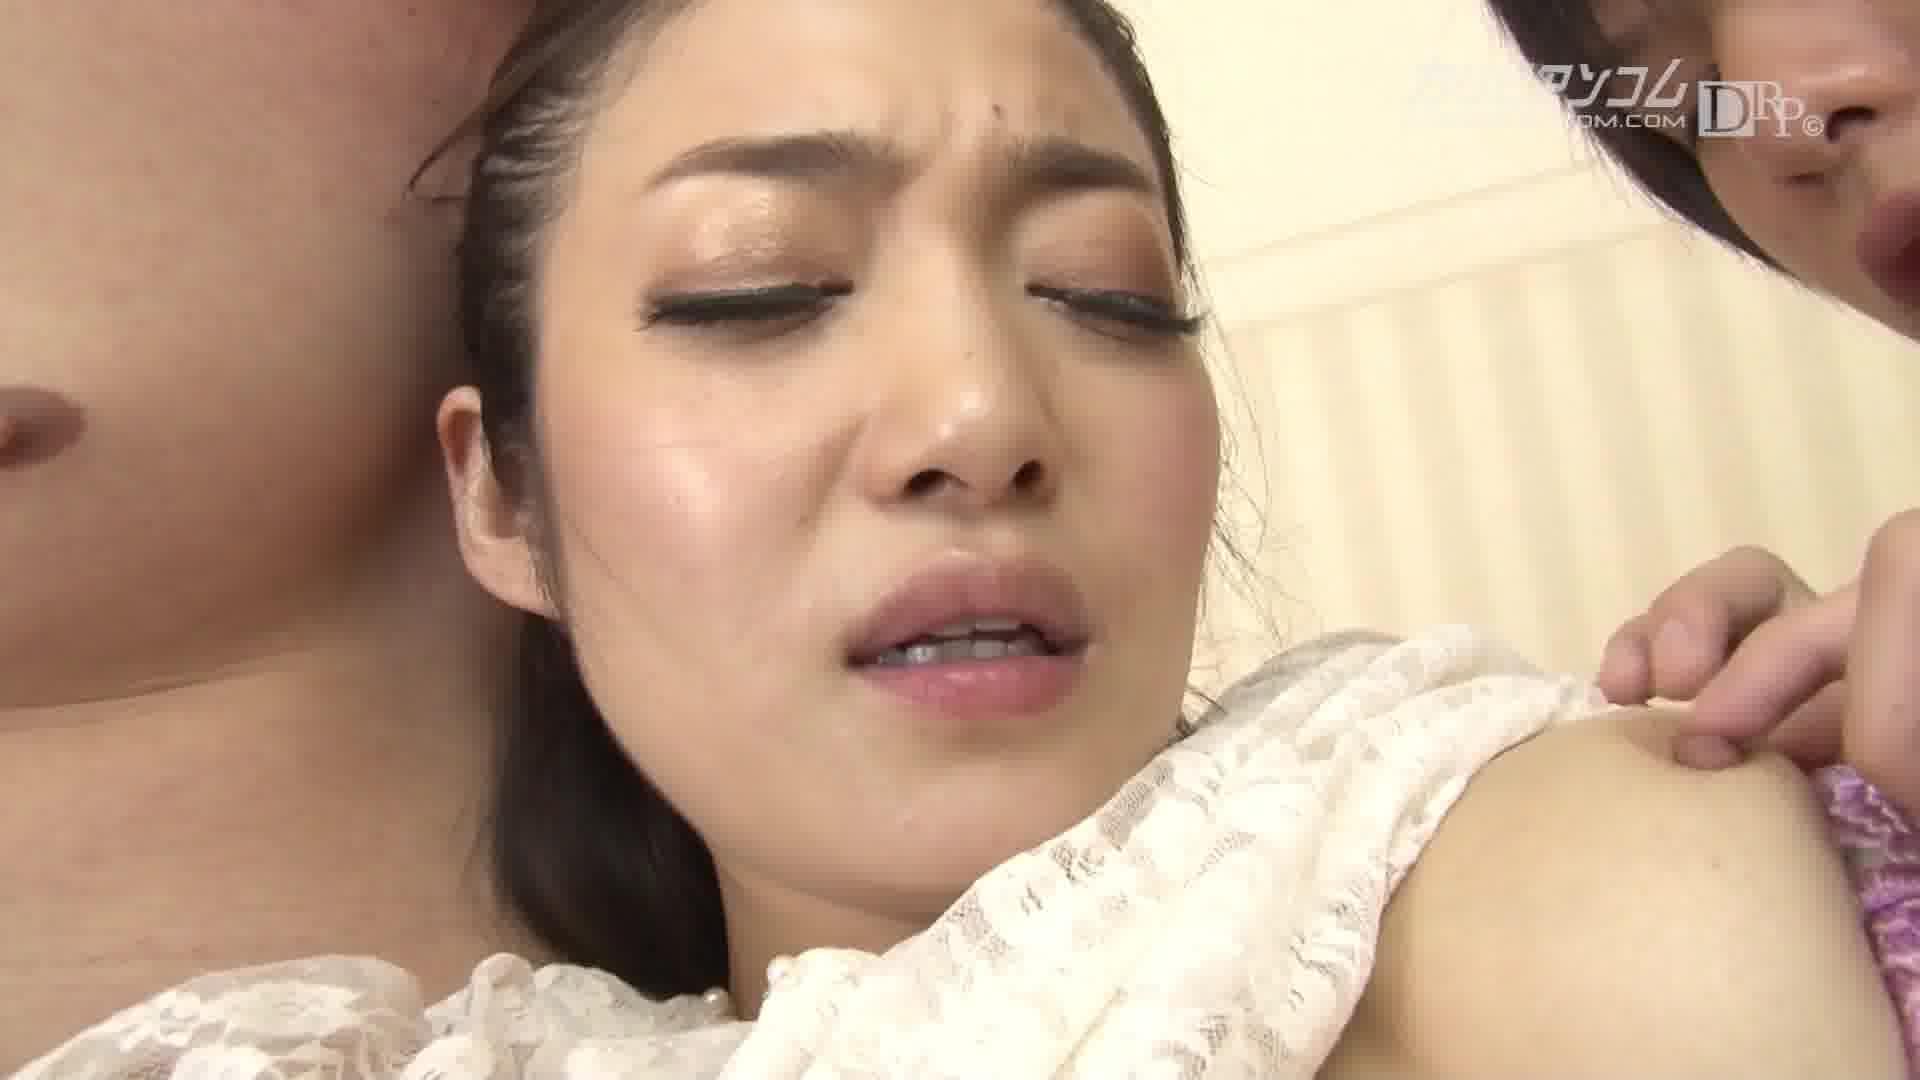 ぶっかけ熟女 8 パート 2 - 江波りゅう【潮吹き・オナニー・顔射】